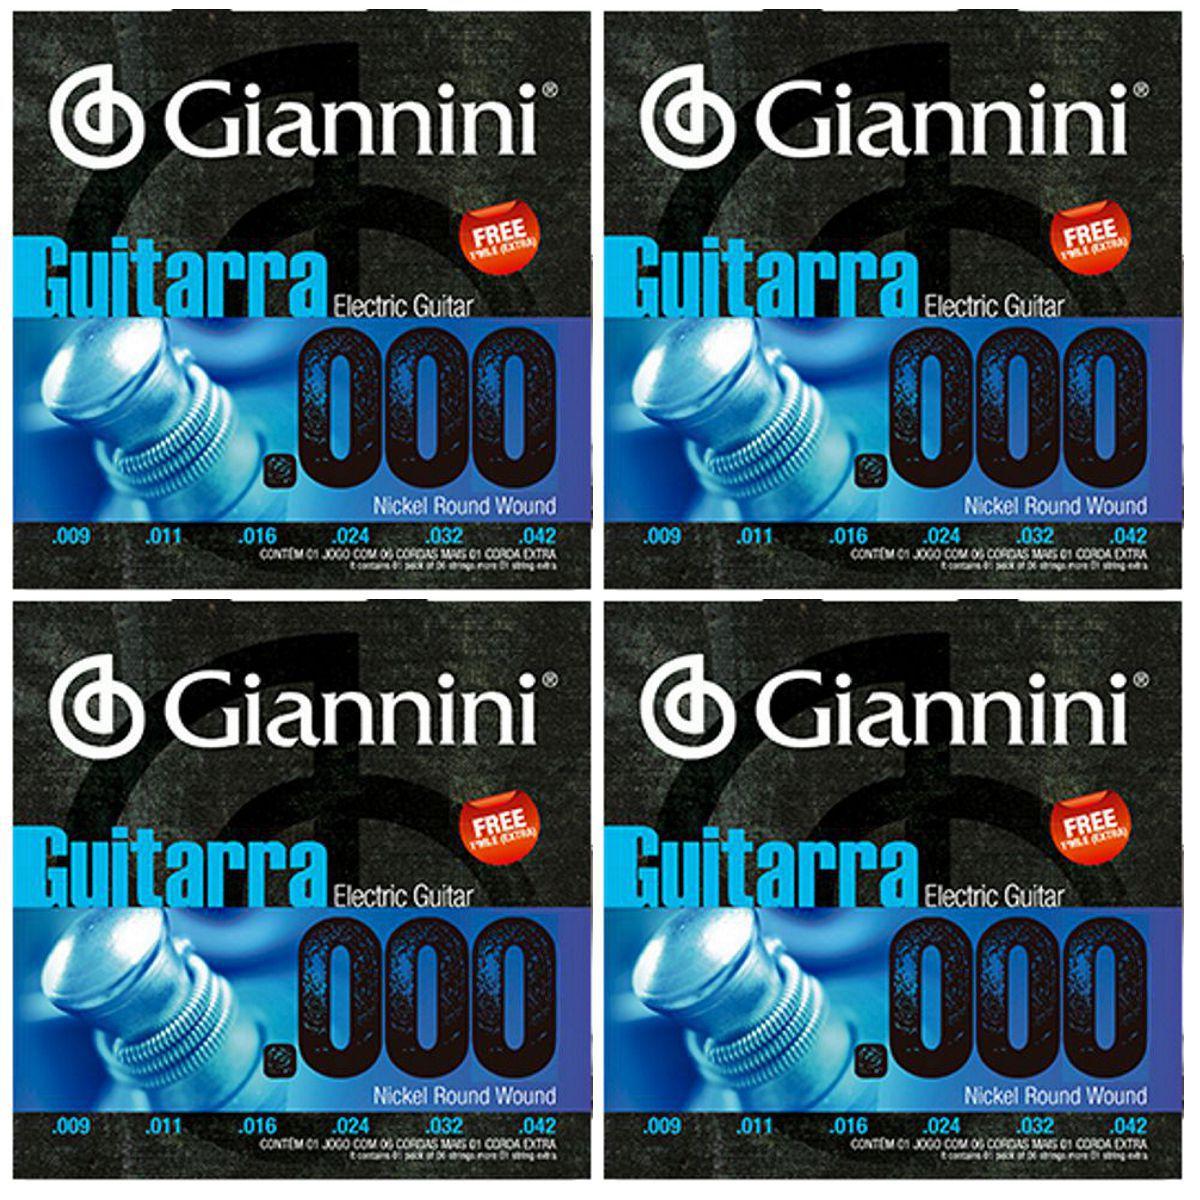 Encordoamento Giannini Guitarra Nickel Round Wound + MÍ EXTRA - 4 Jogos